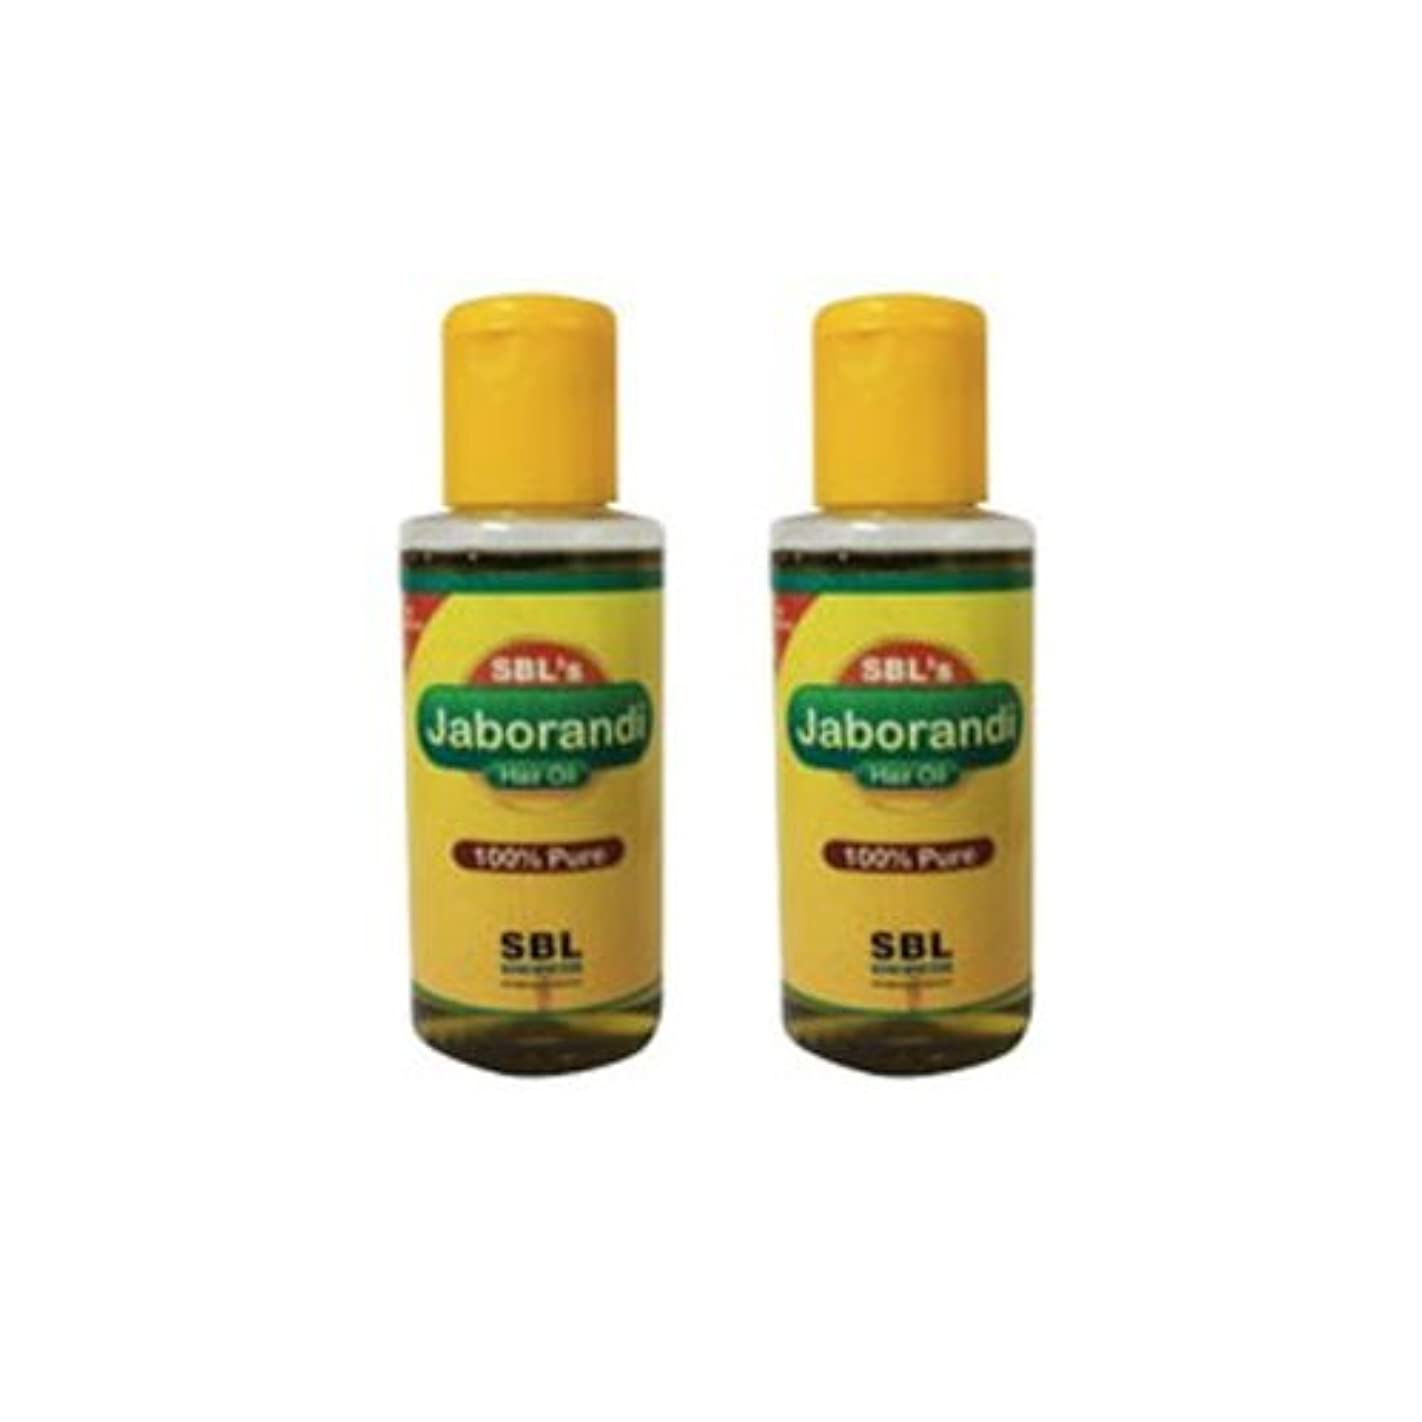 ランプ鳴らすからかう2 x Jaborandi Hair Oil. Shipping Only By - USPS / FedEX by SBL